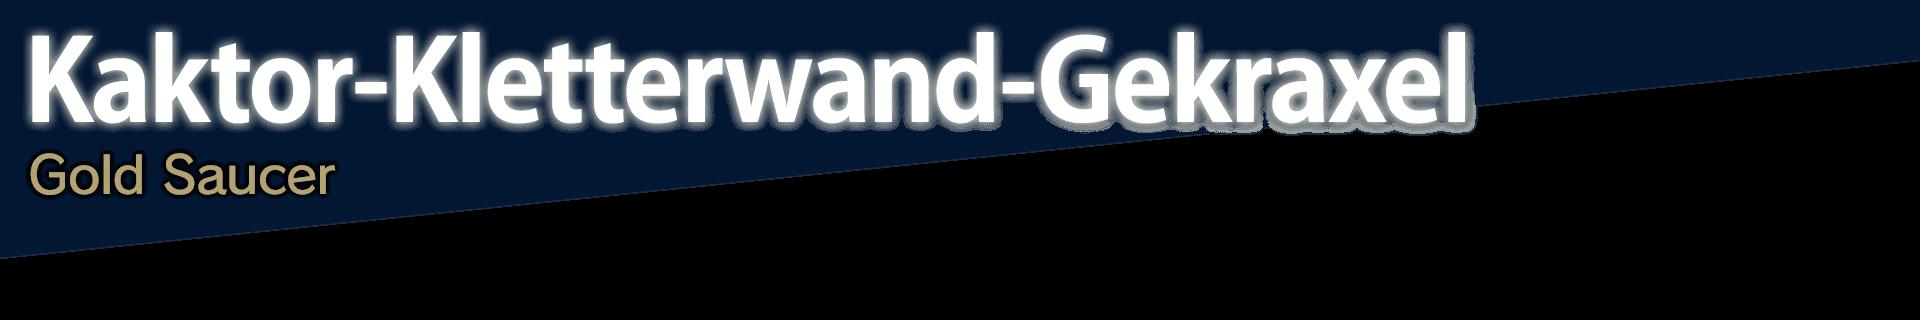 Kaktor-Kletterwand-Gekraxel Gold Saucer